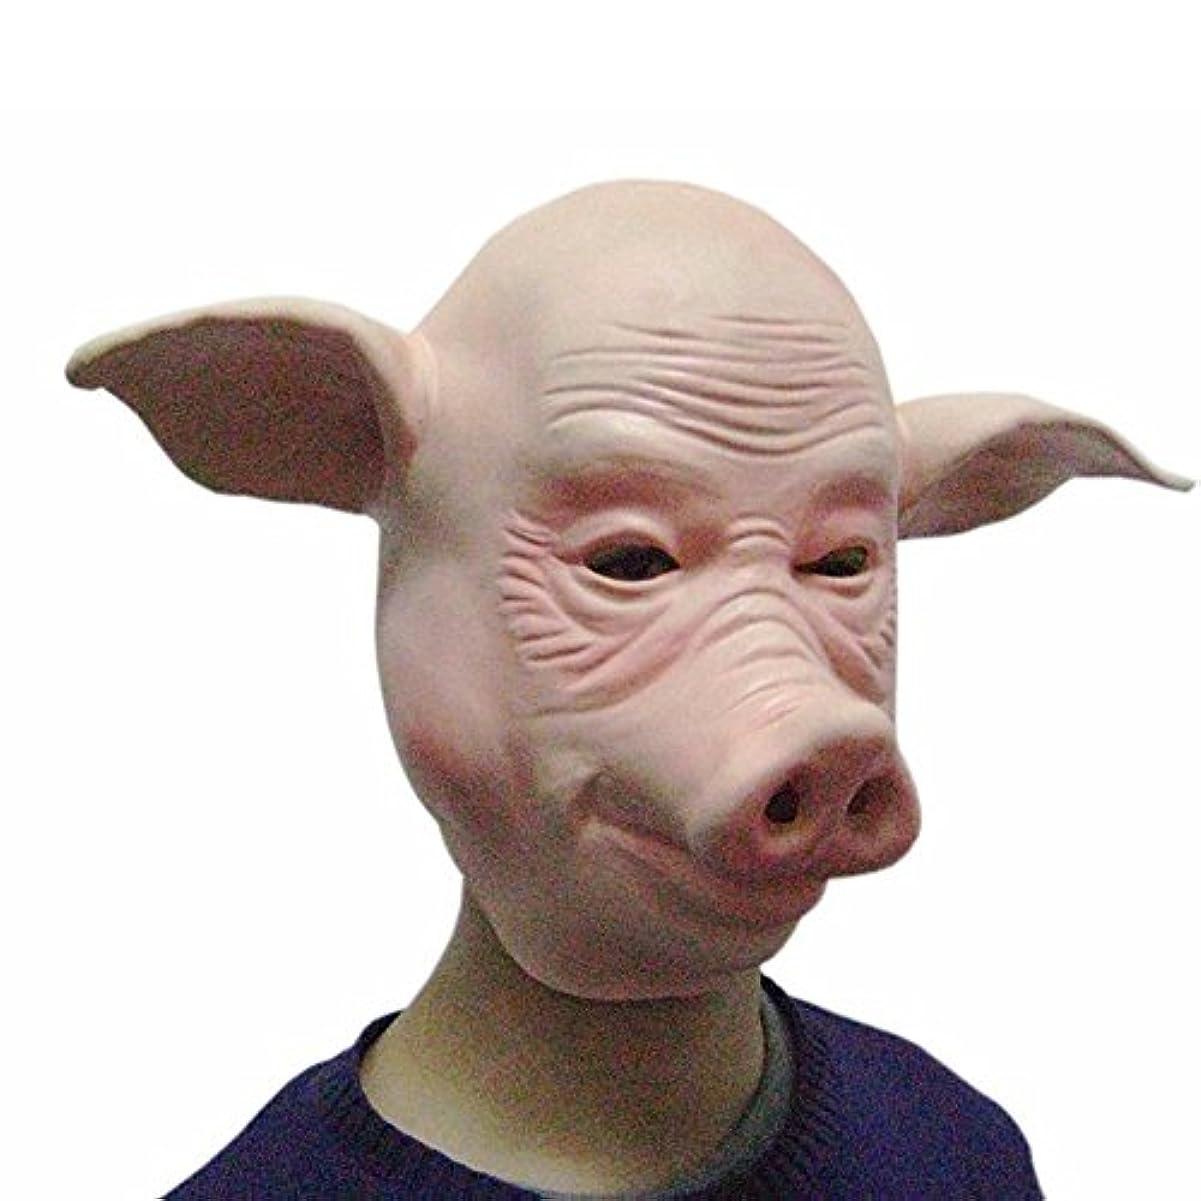 ところでパスポート寓話仮装ショー用品ハロウィーン豚フェイスマスク豚ヘッドマスク豚マスクハゲ豚マスク